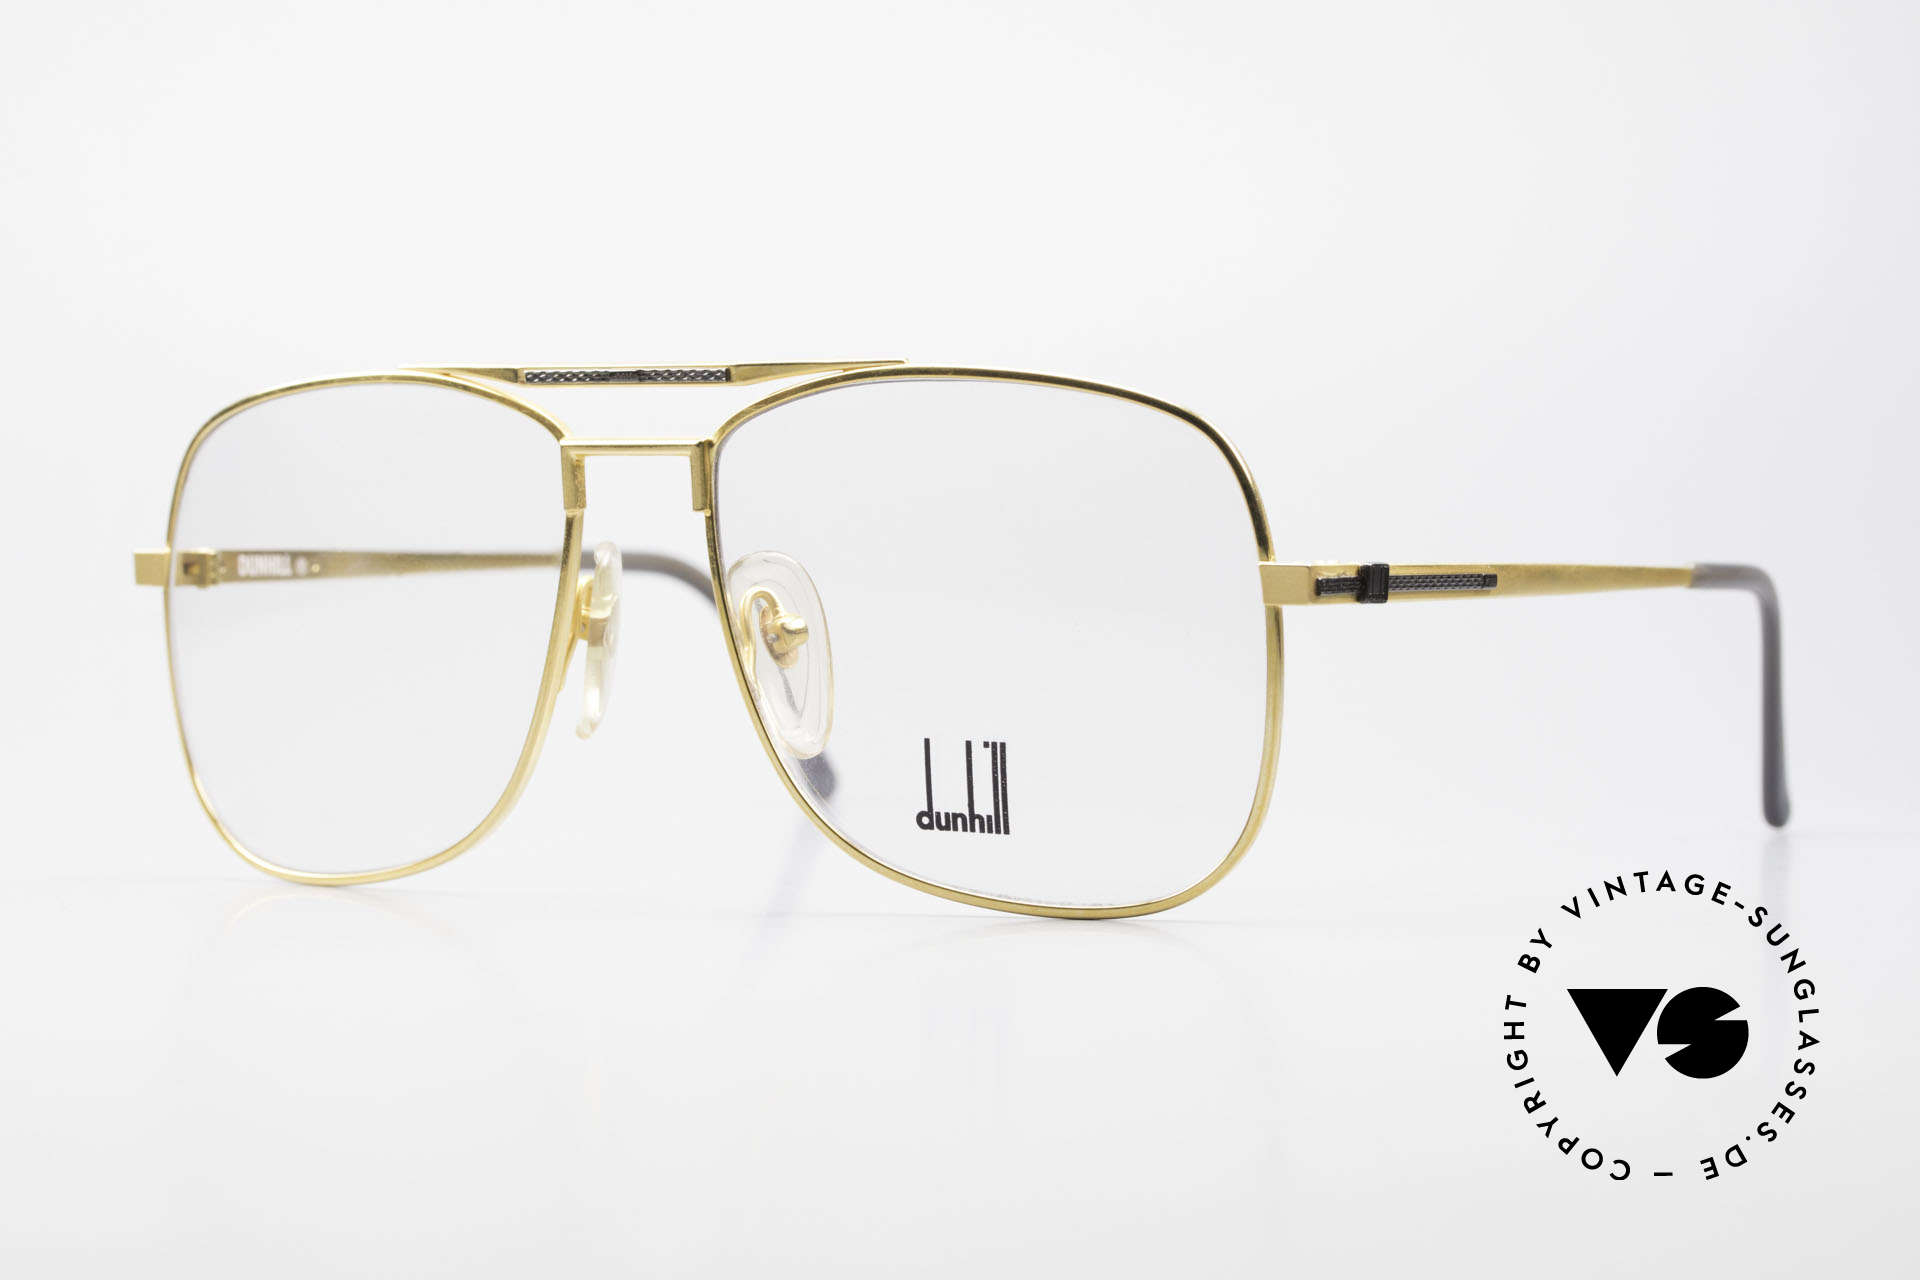 Dunhill 6038 Vergoldete 80er Titanium Brille, edler & hochwertiger geht's nicht - muss man fühlen!, Passend für Herren